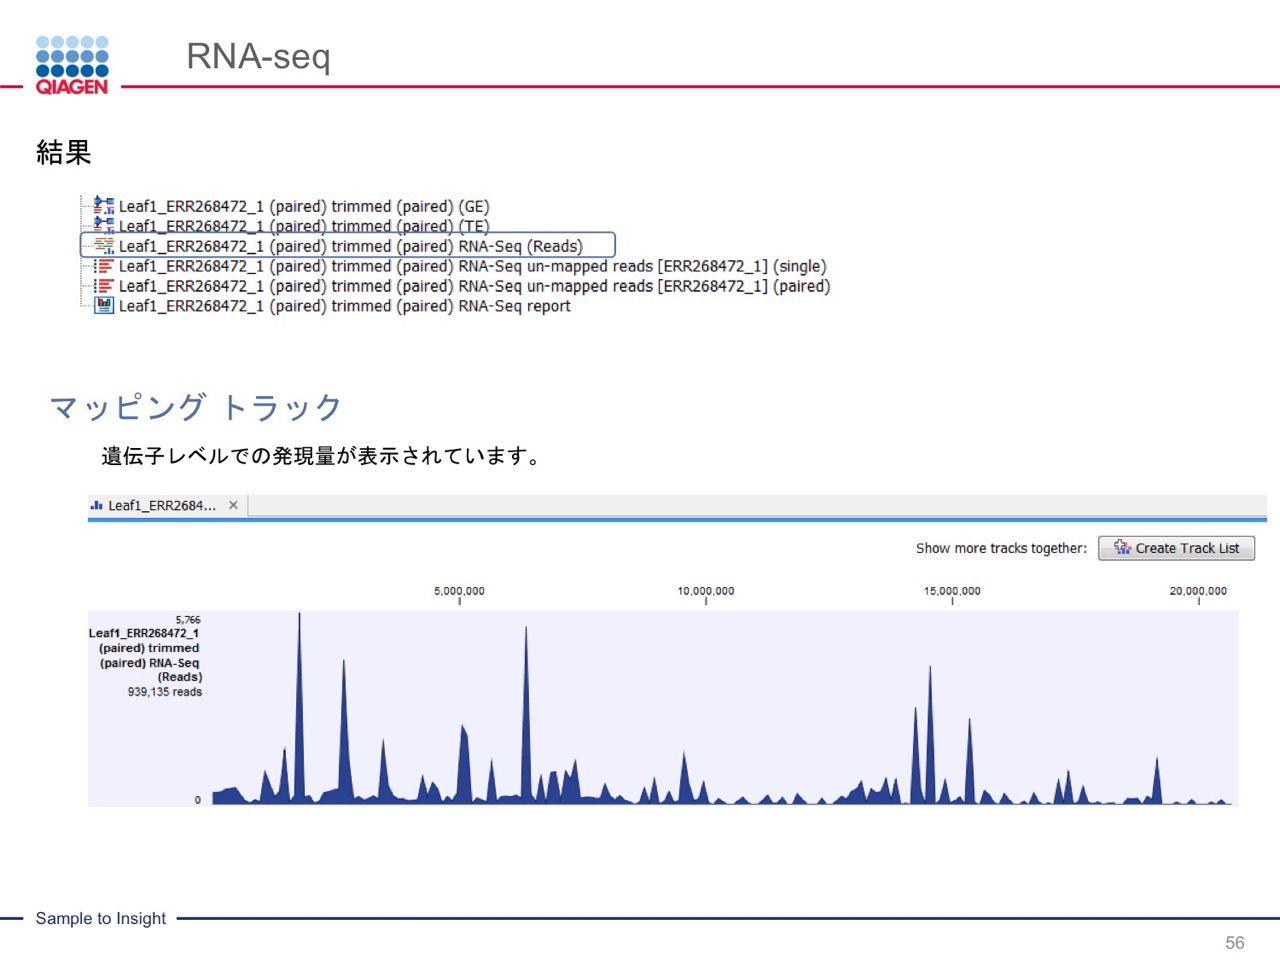 images/AJACSa2_miyamoto_056.jpg